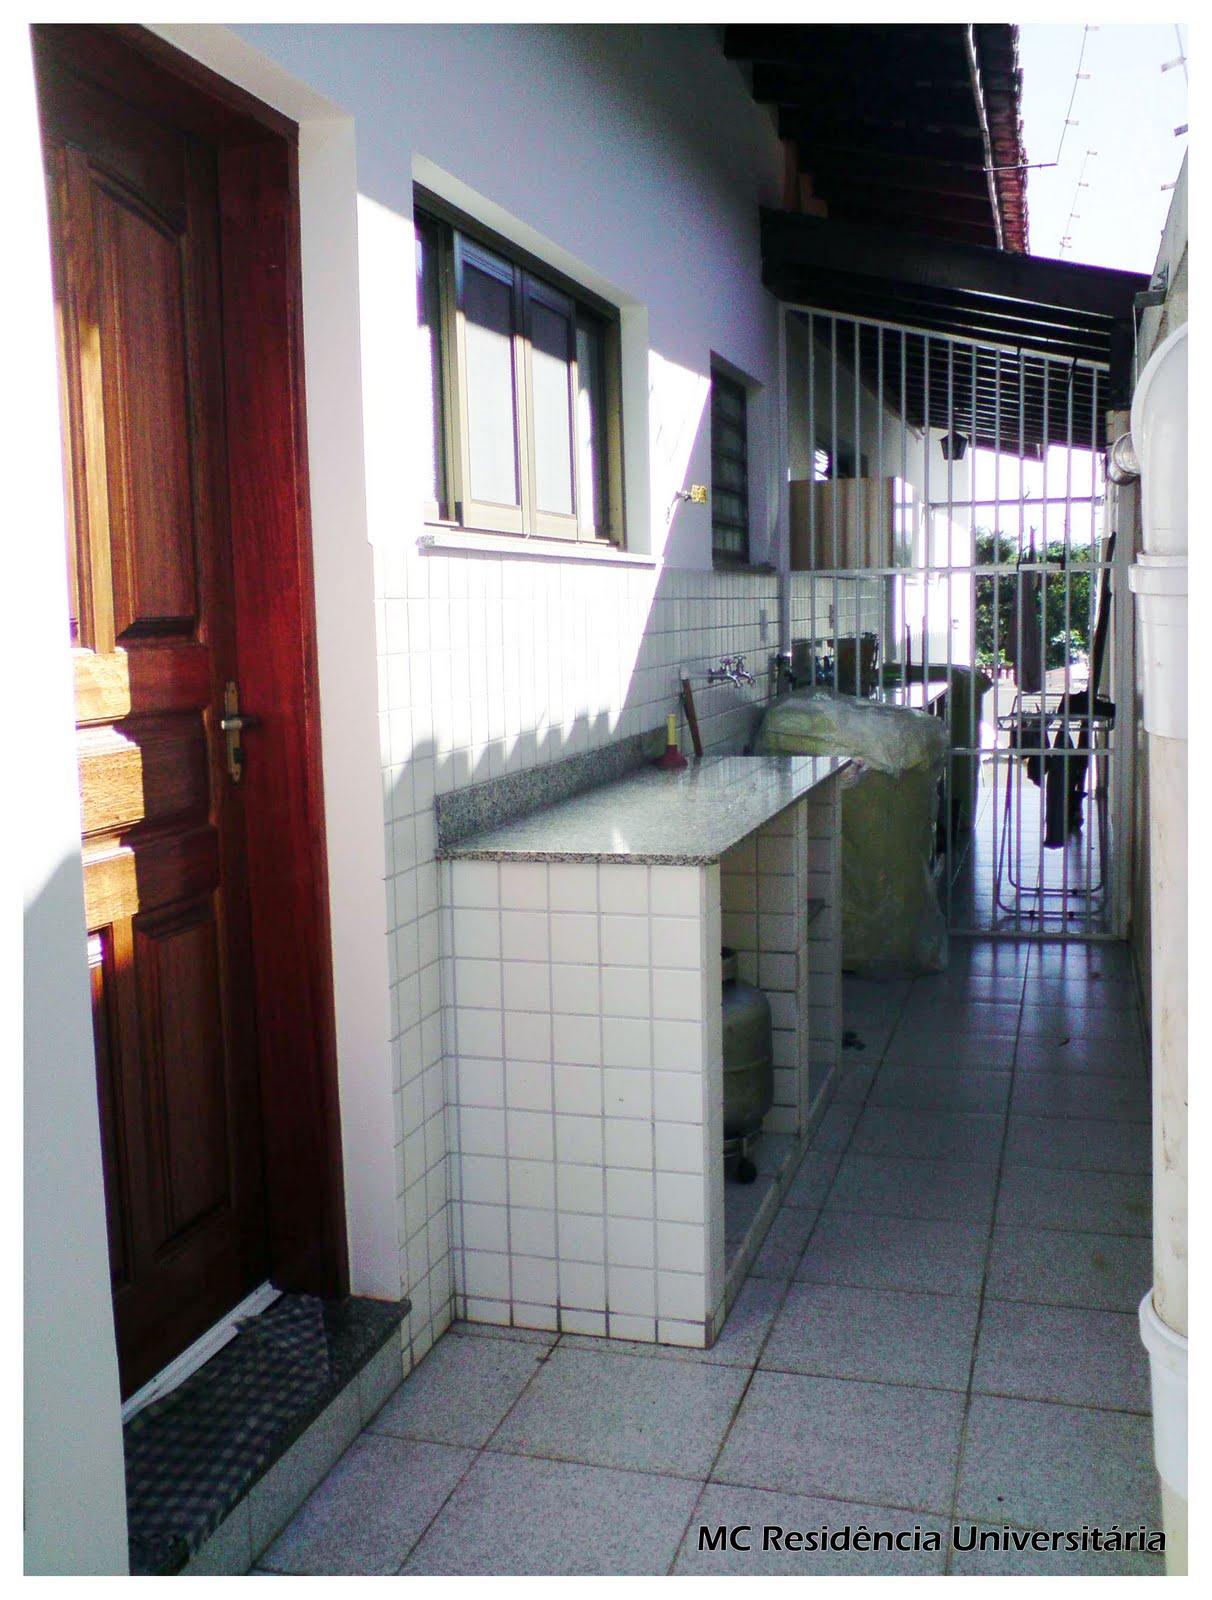 suítes e 1 simples sala cozinha 1 banheiro social e lavanderia #9C742F 1212 1600